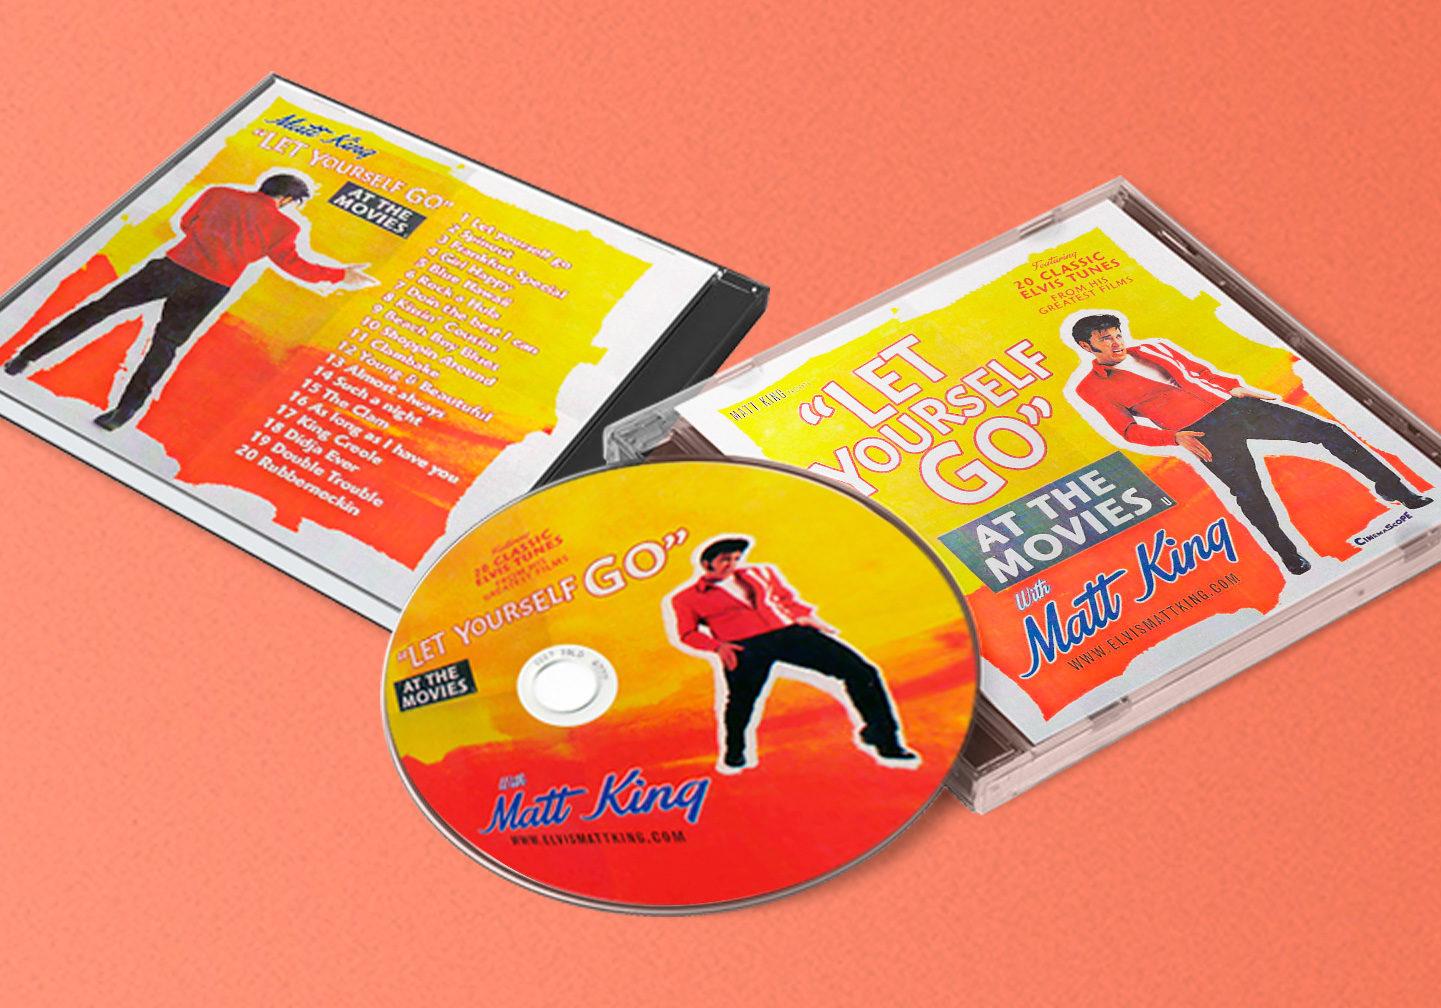 cd-cover-mockup